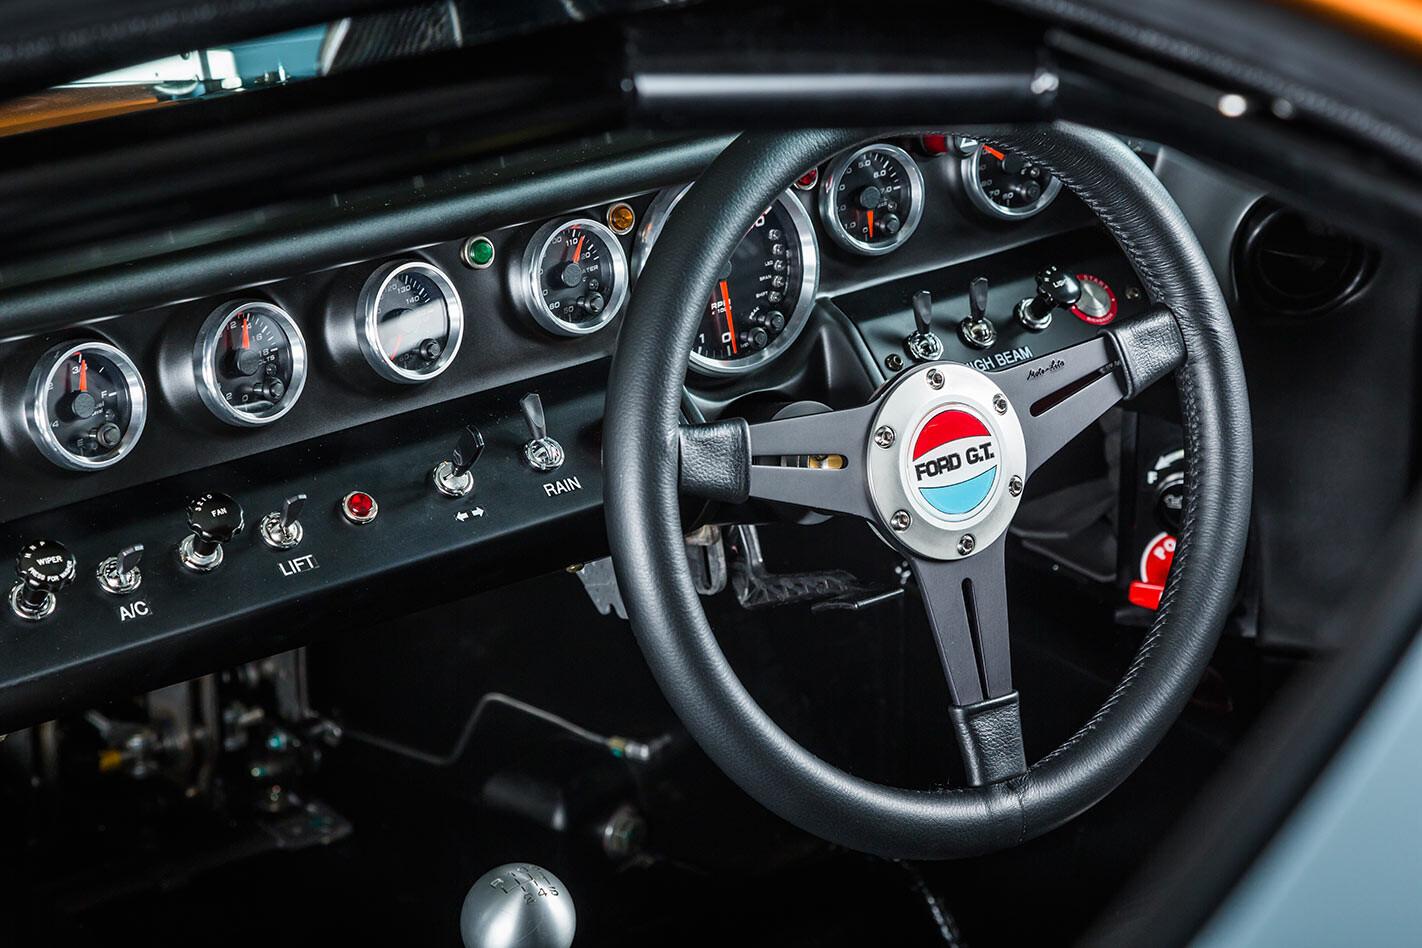 Ford GT40 dash